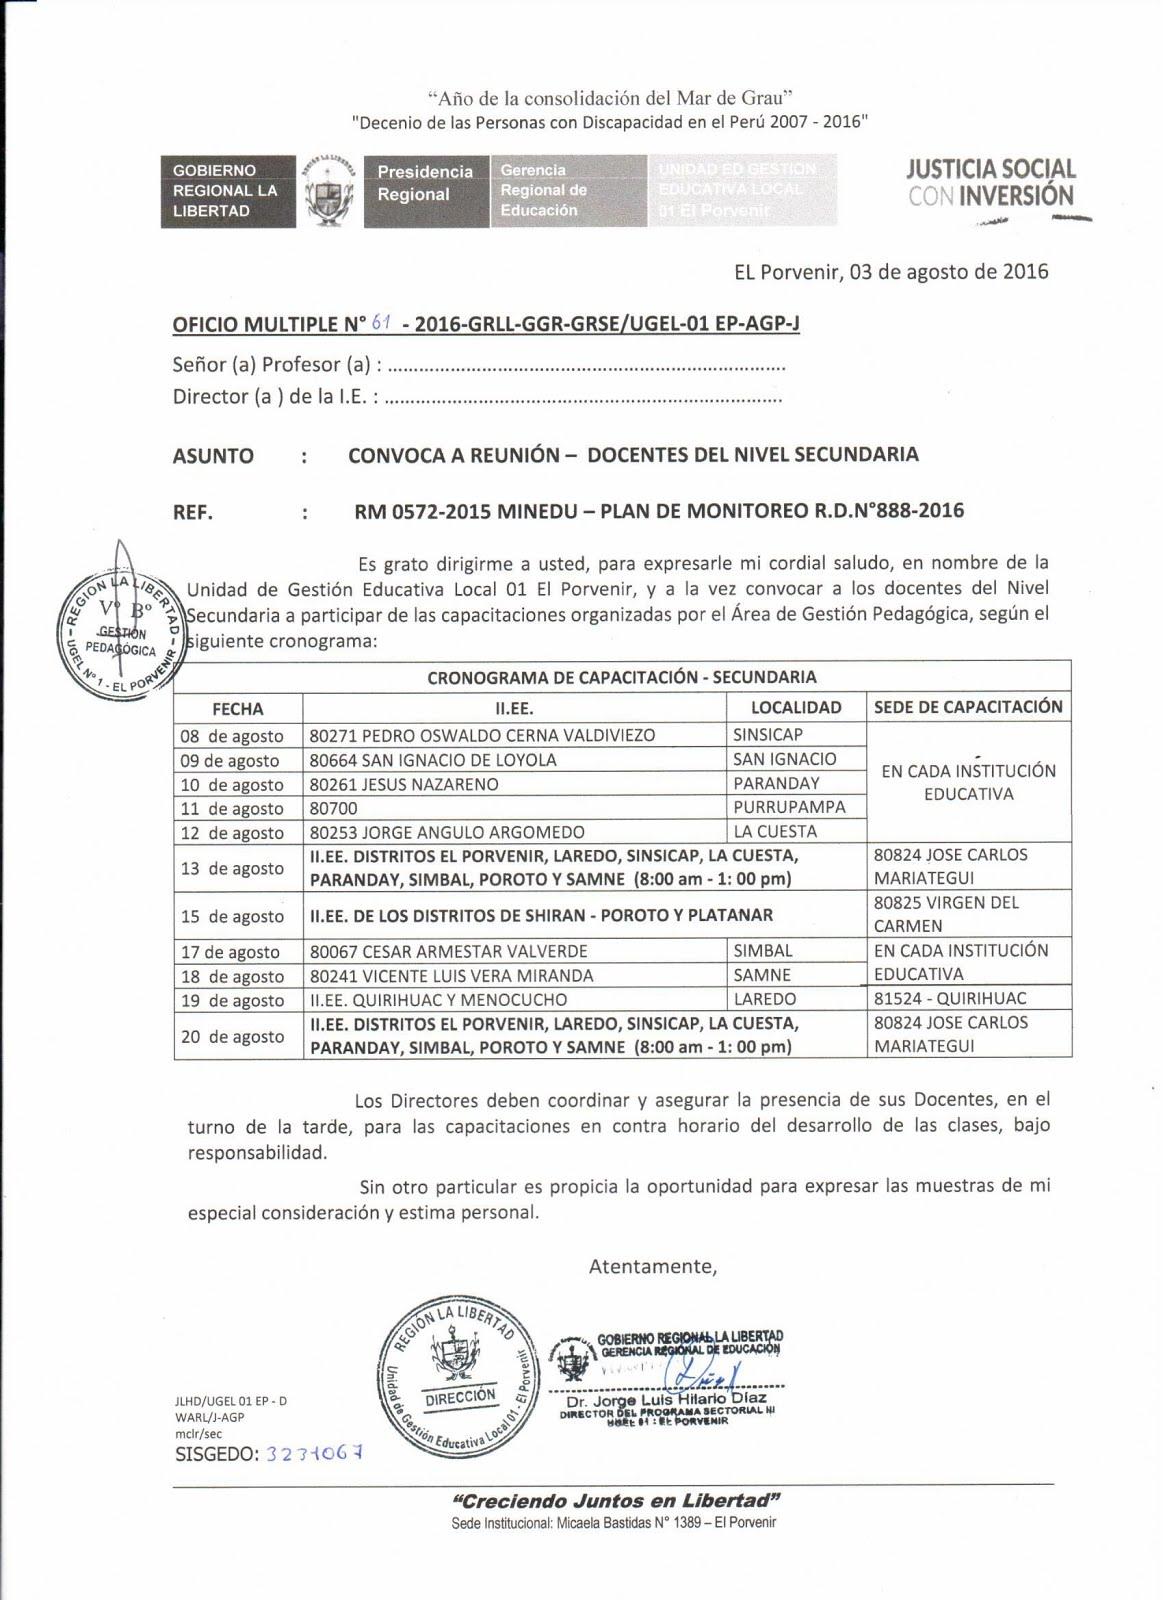 Ugel 01 el porvenir convocatoria a reuni n docentes de for Convocatoria para docentes